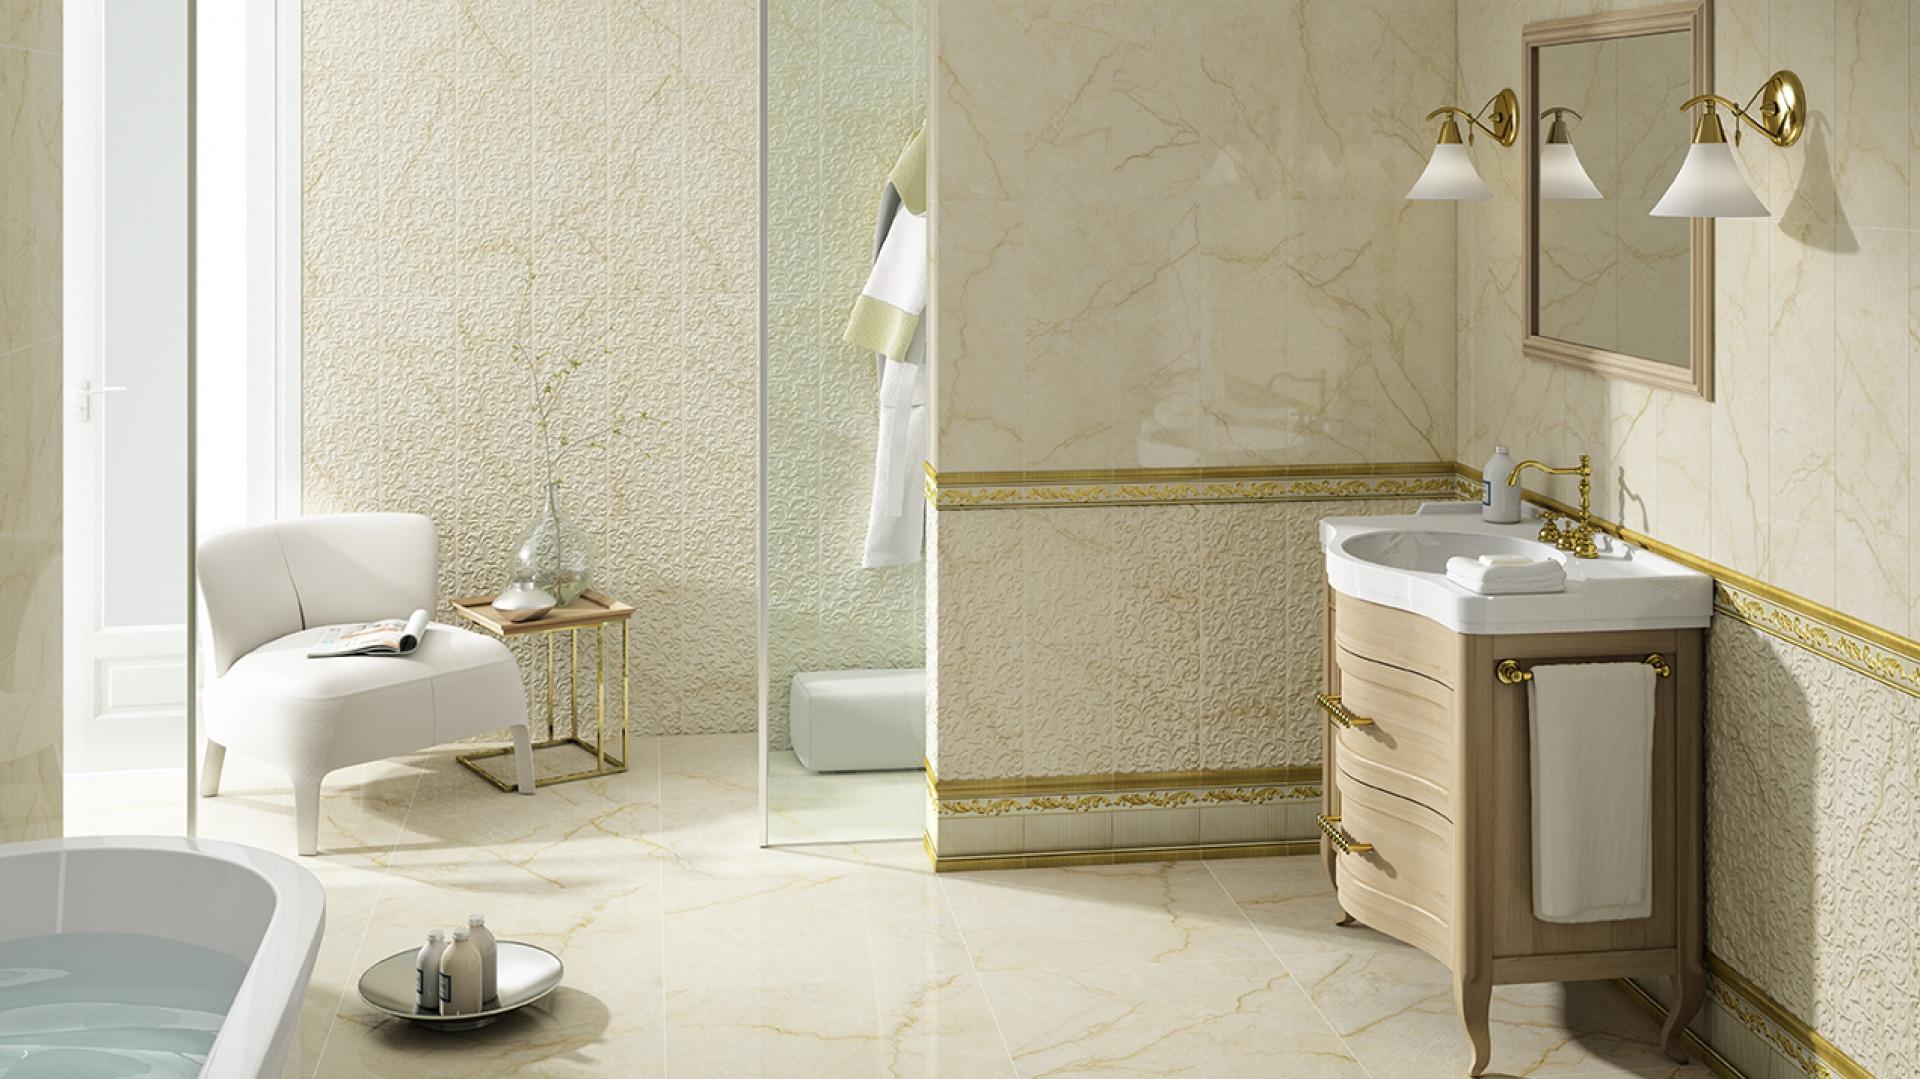 Jak kremowy marmur są płytki z kolekcji Lineage Aparici. Dodatkowo ich prostokąty format oraz  struktura powierzchni płytek dekoracyjnych pozwala wykonać okładzinę ceramiczną a la boazeria. Fot. Aparici.